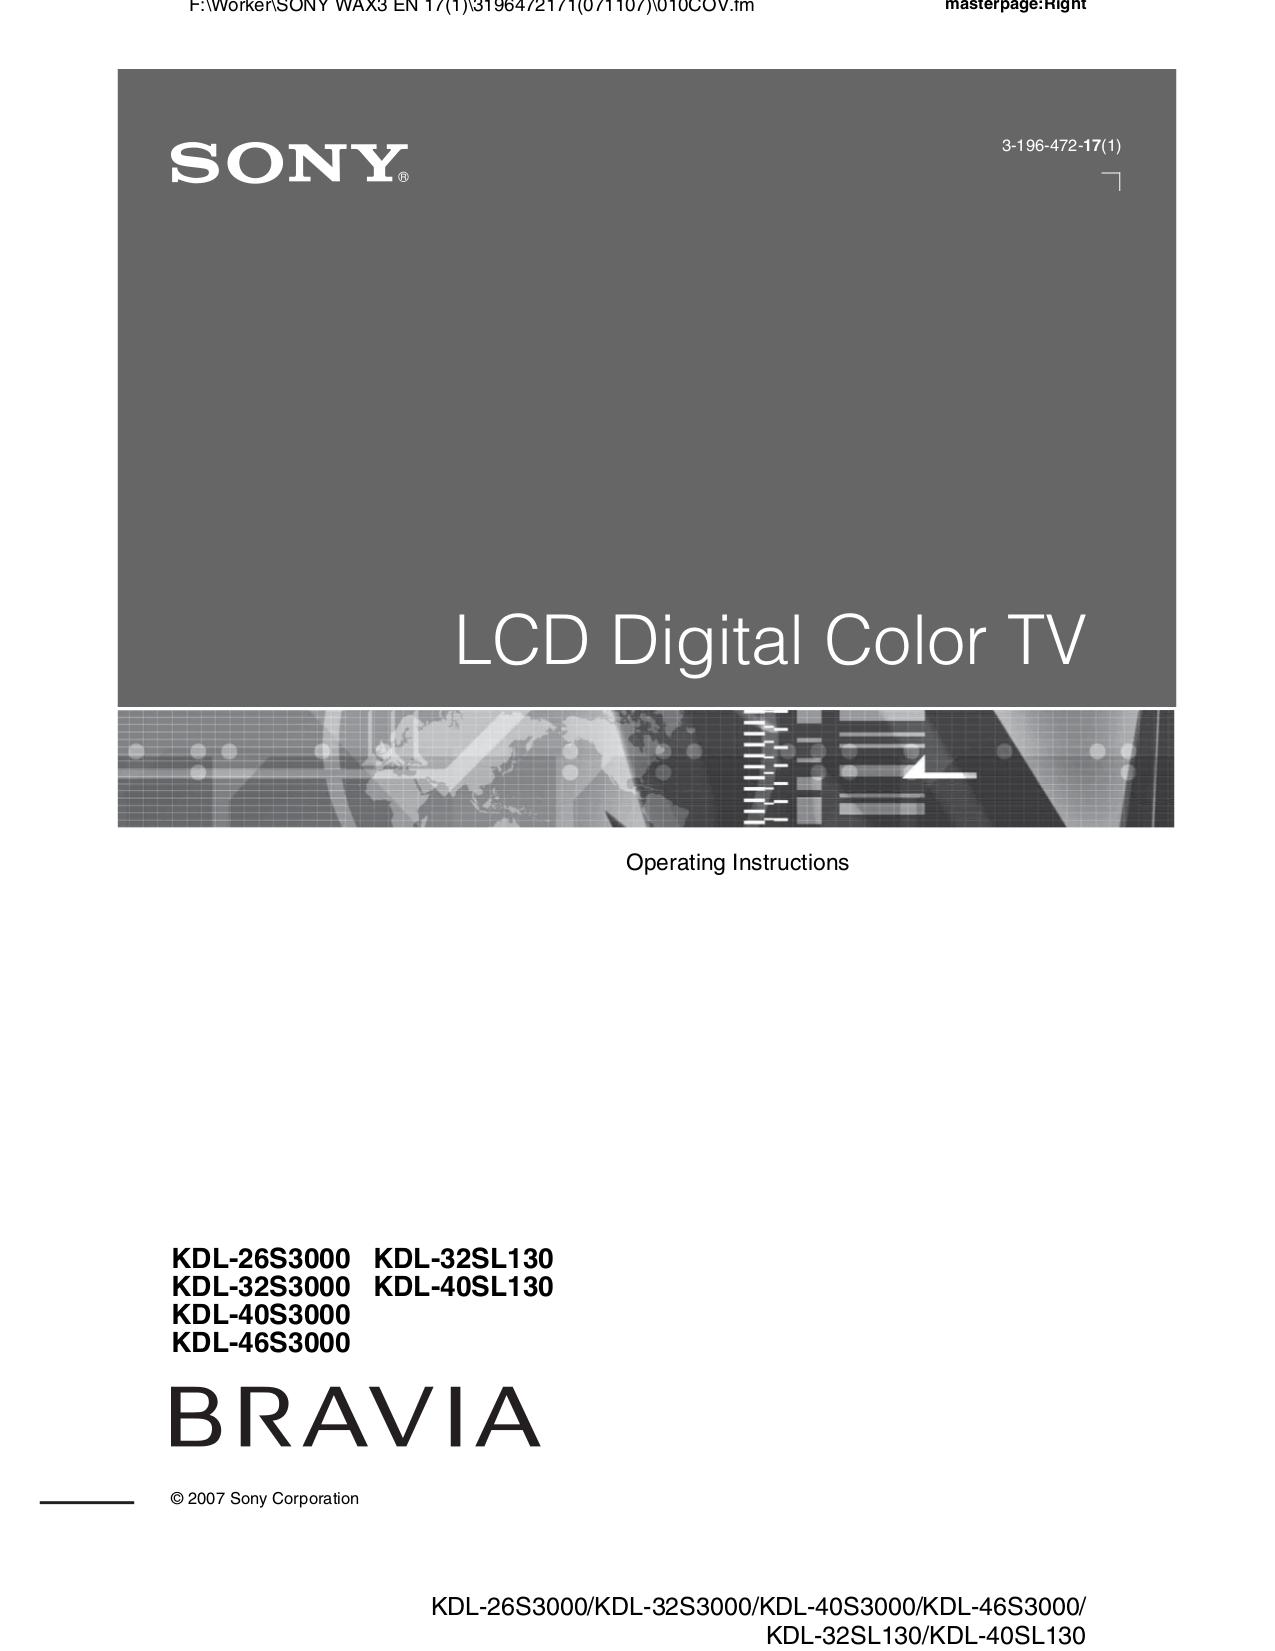 download free pdf for sony bravia kdl 40s3000 tv manual rh umlib com sony bravia kdl-40s3000 specs sony bravia kdl-40s3000 specs